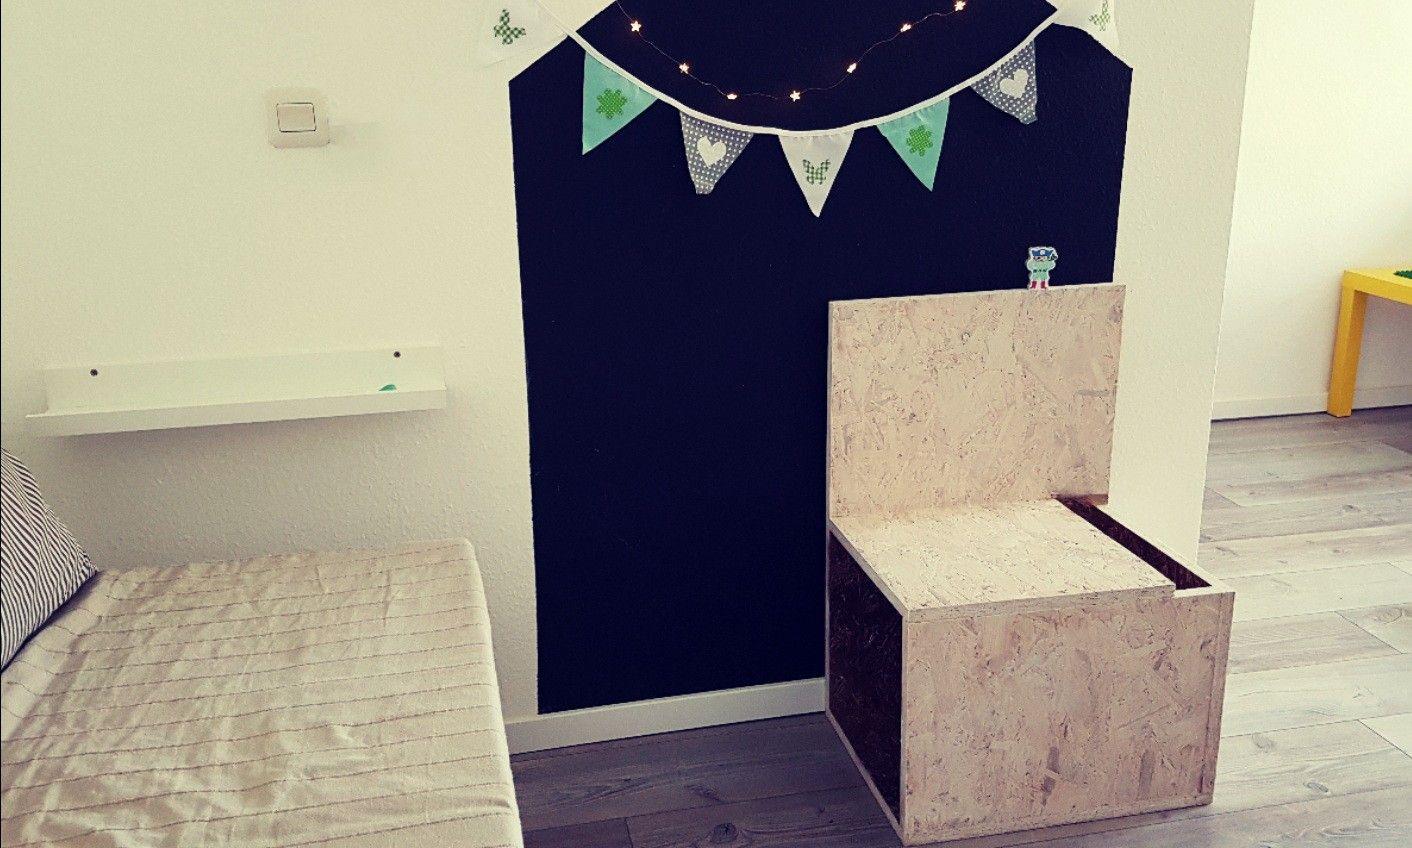 Osb Möbel raumpiraterie de möbel selber bauen stuhl selber bauen